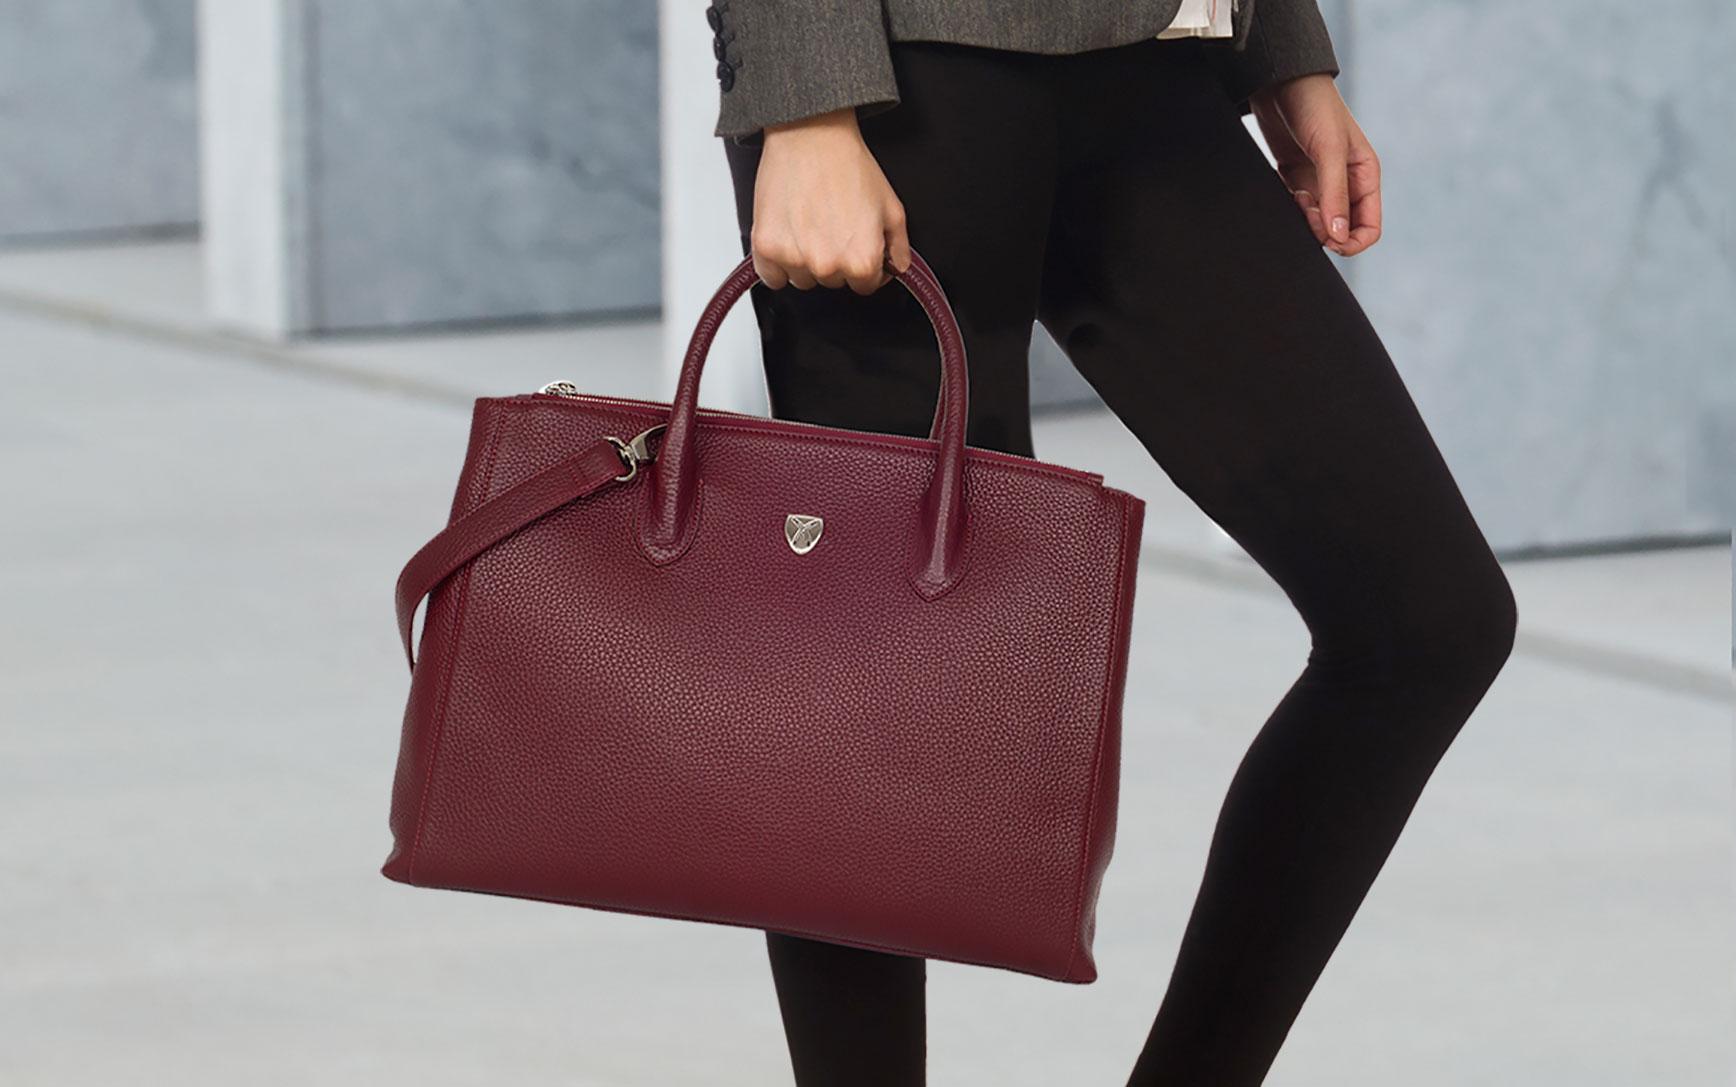 Damen Businesstasche Handtasche 15 Zoll Leder bordeauxrot